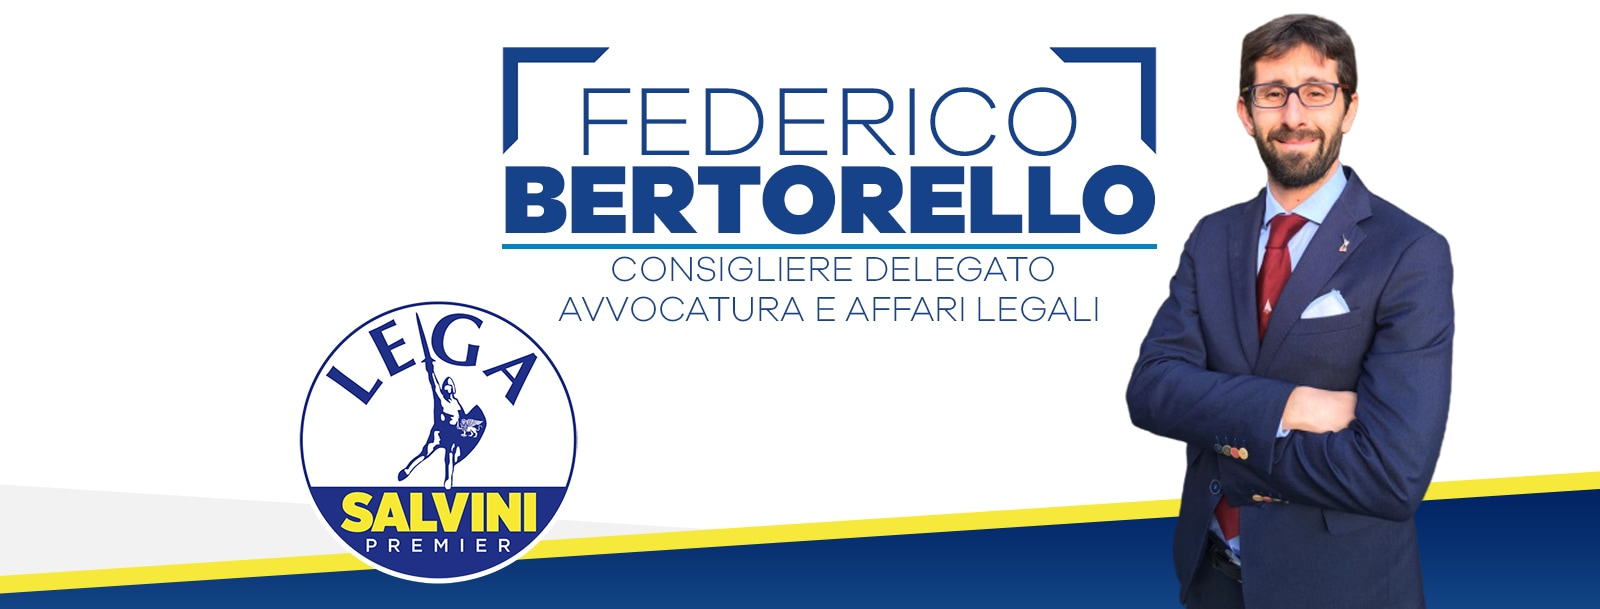 Federico Bertorello: il consigliere leghista a Genova multat